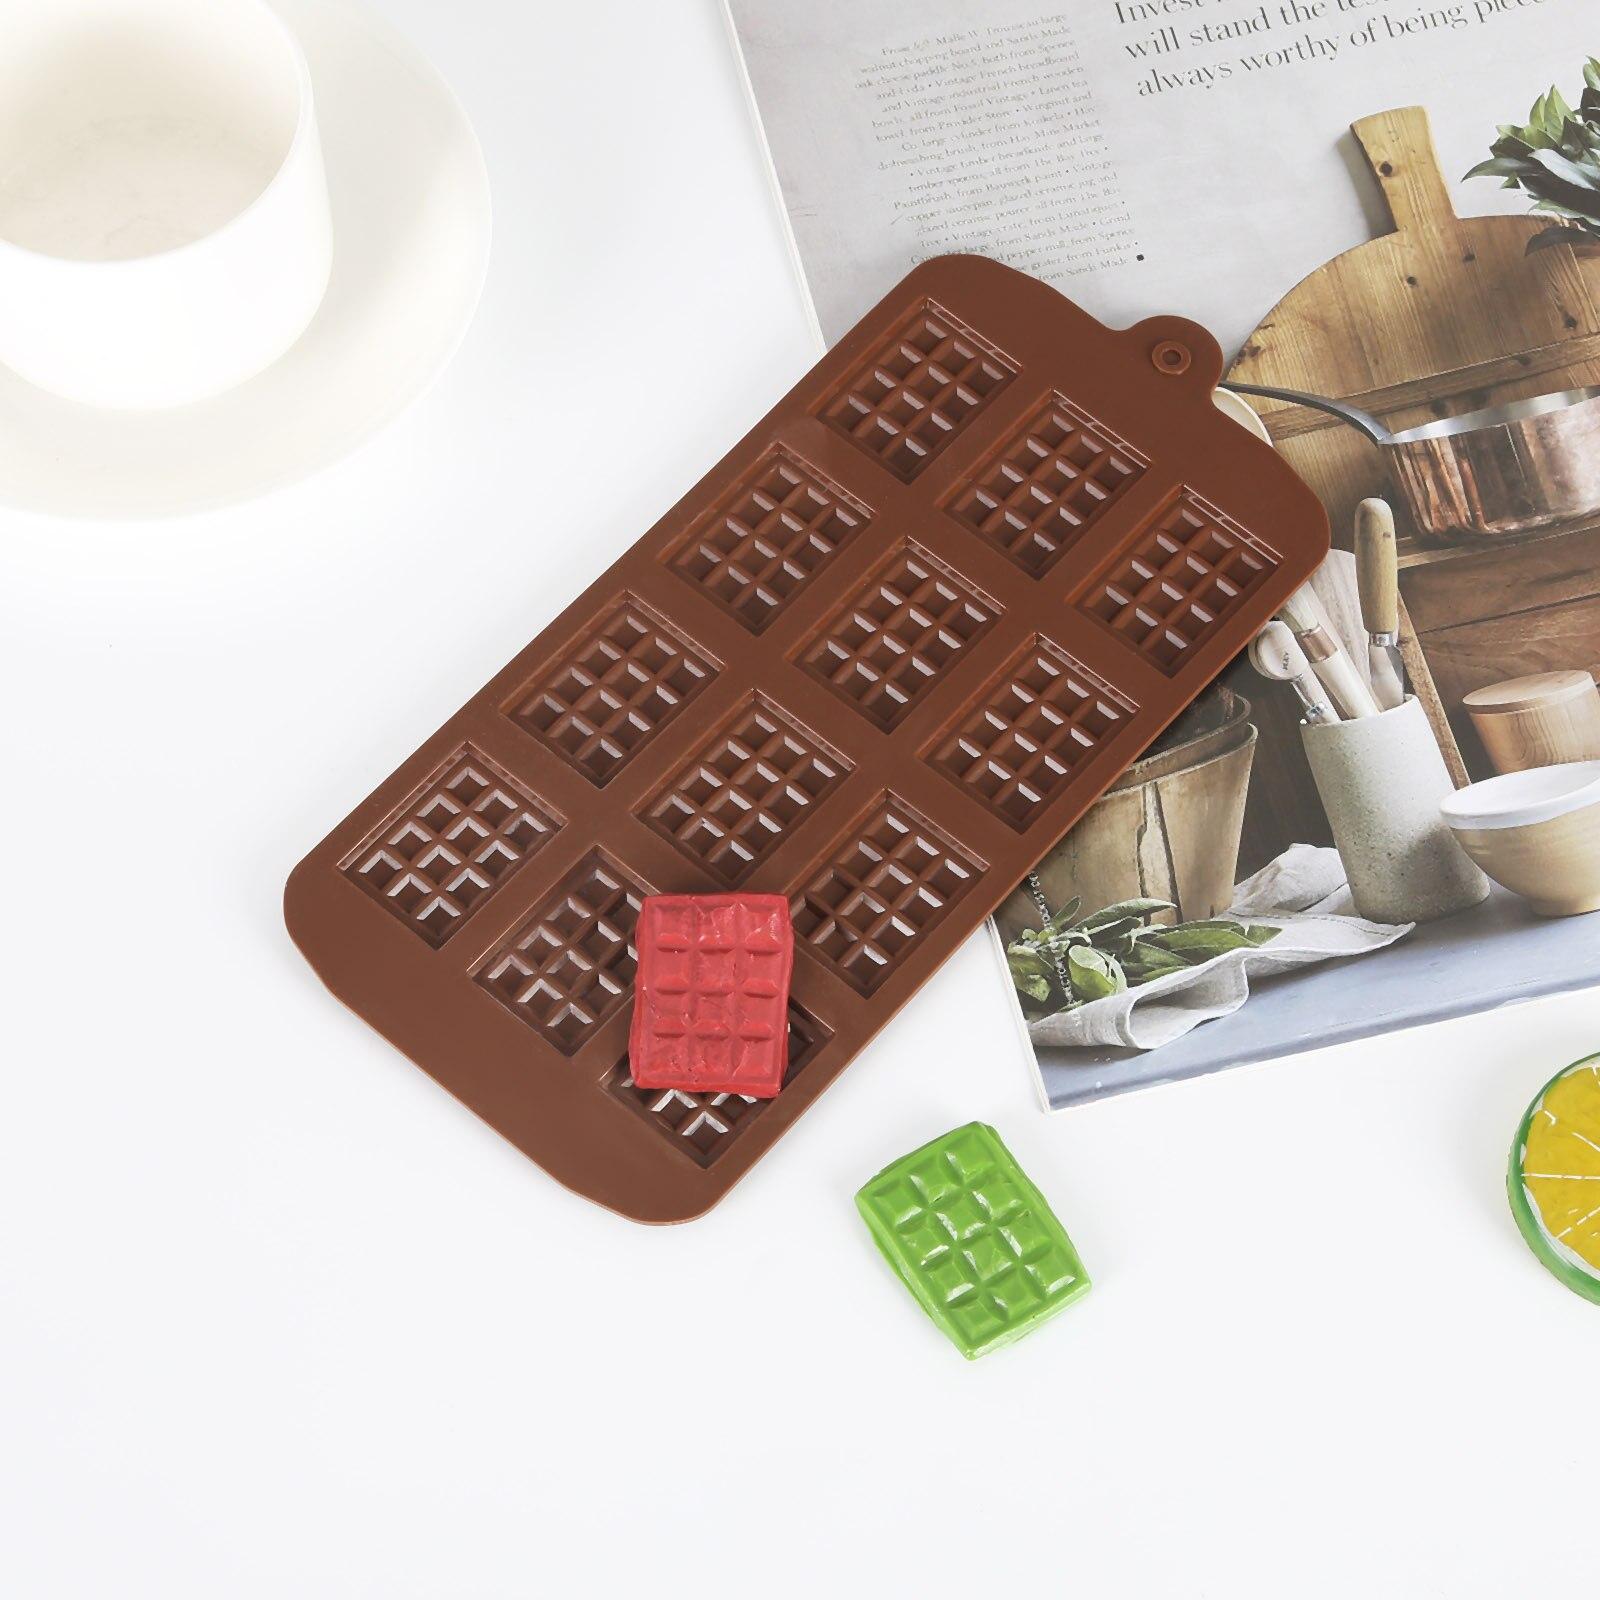 Силиконовая форма, 12 равномерных цветов, форма «сделай сам» для конфет, инструменты для украшения тортов, кухонные аксессуары для выпечки